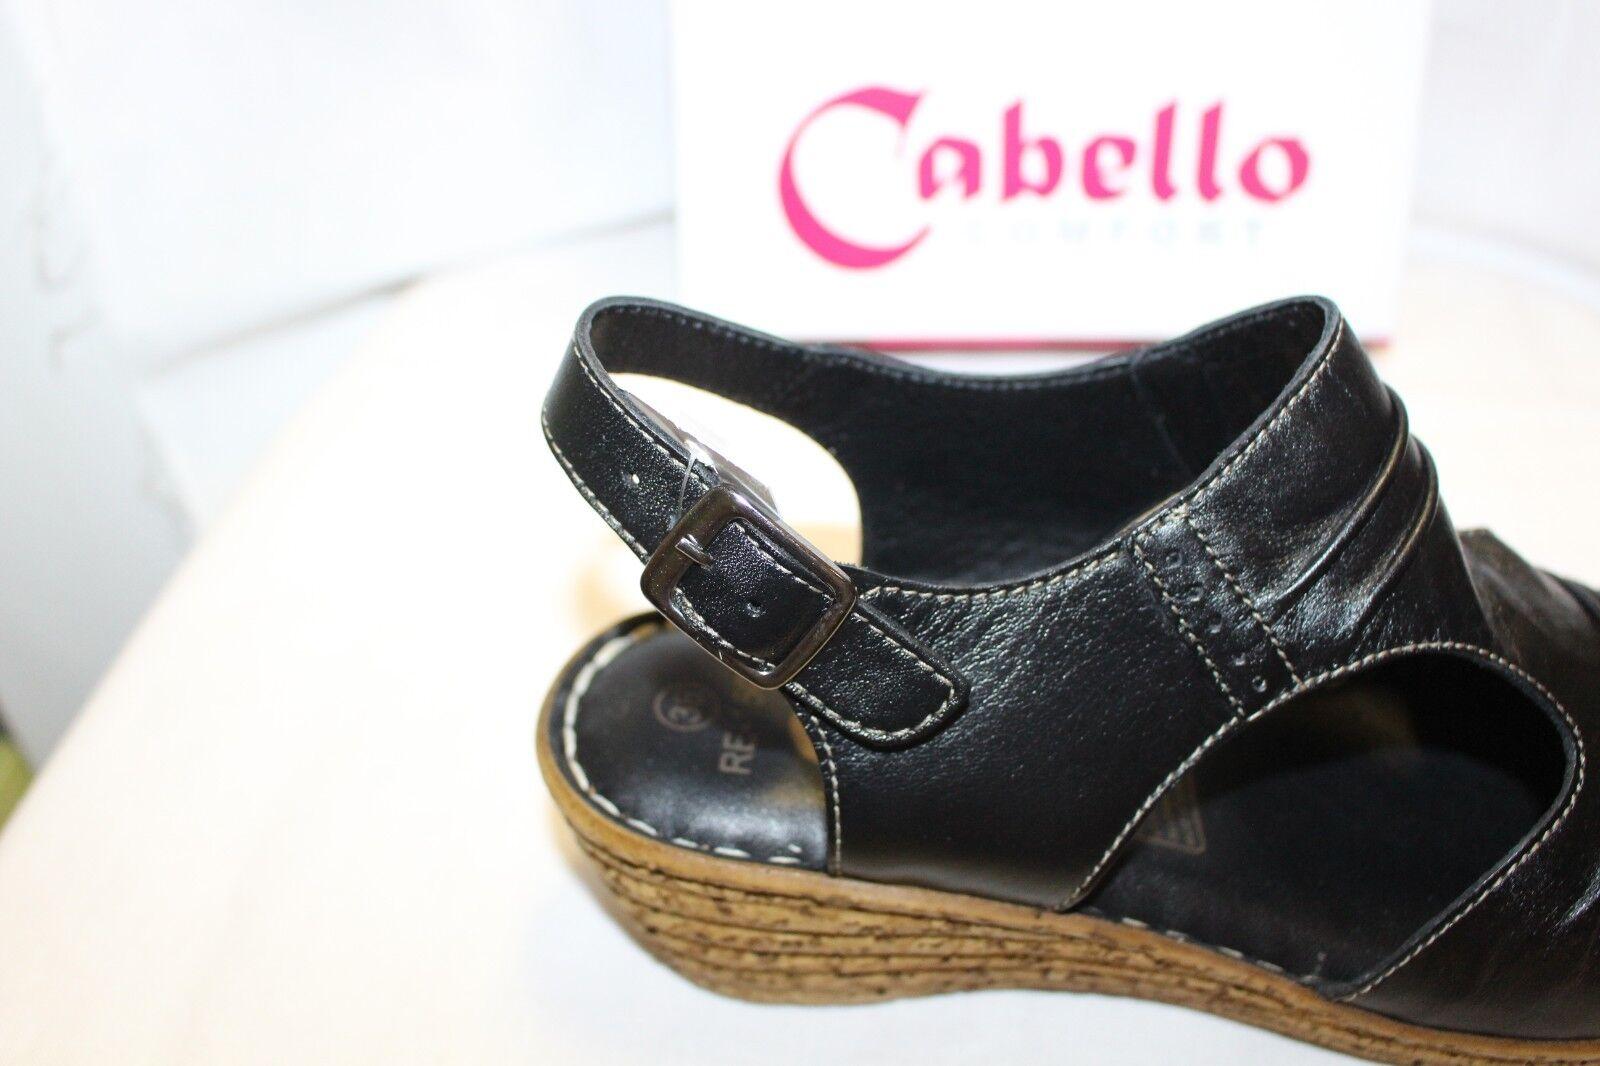 LADIES LADIES LADIES  SHOES FOOTWEAR - Cabello sandal RE1501 black 0a8b19